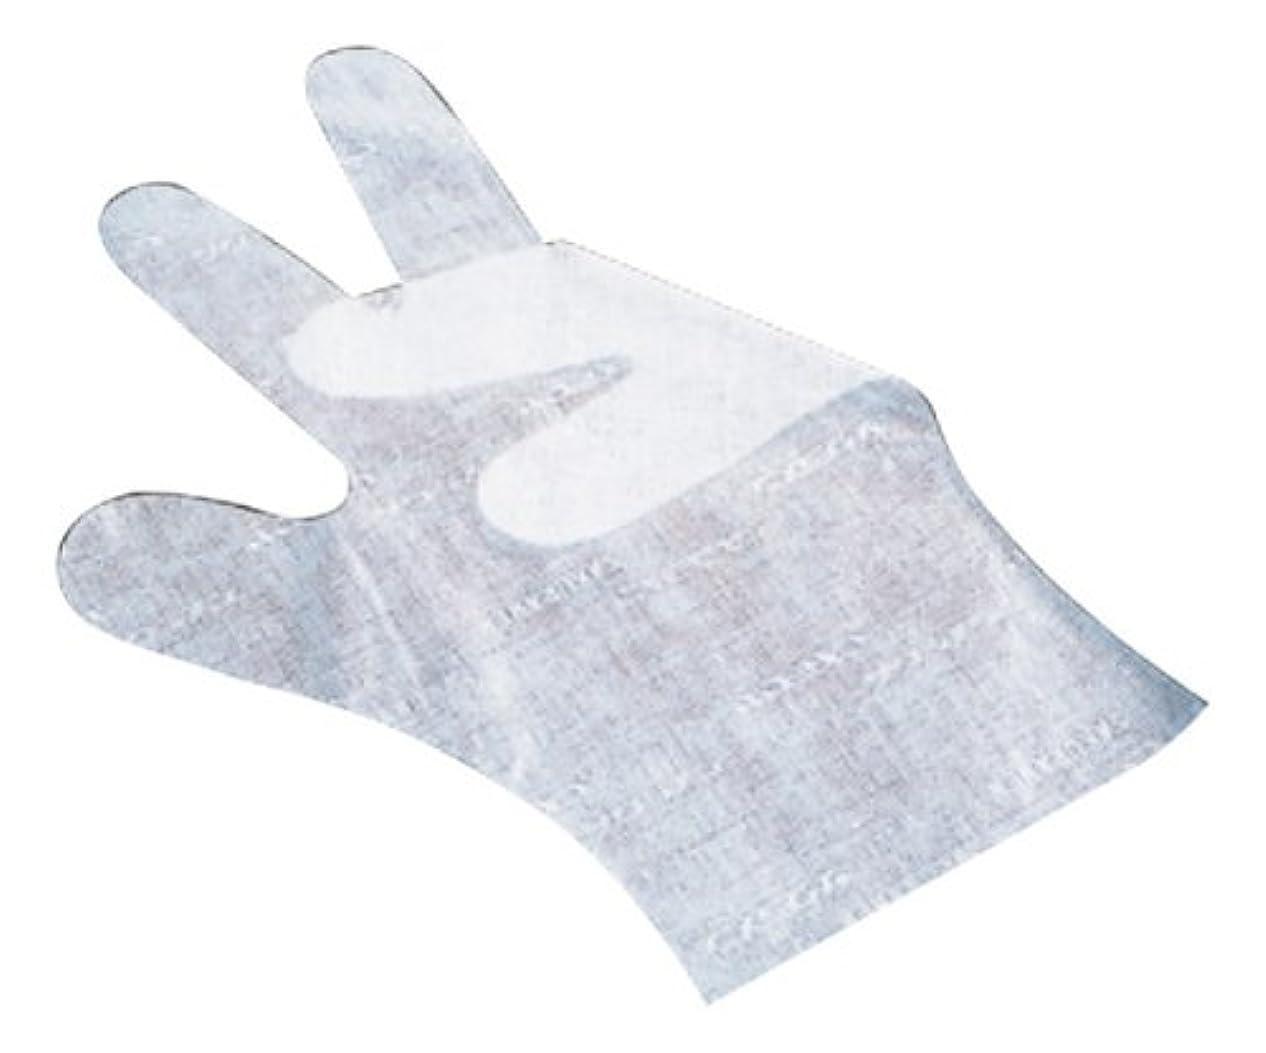 馬力フルーツ市場サクラメン手袋 デラックス(100枚入)L ホワイト 35μ